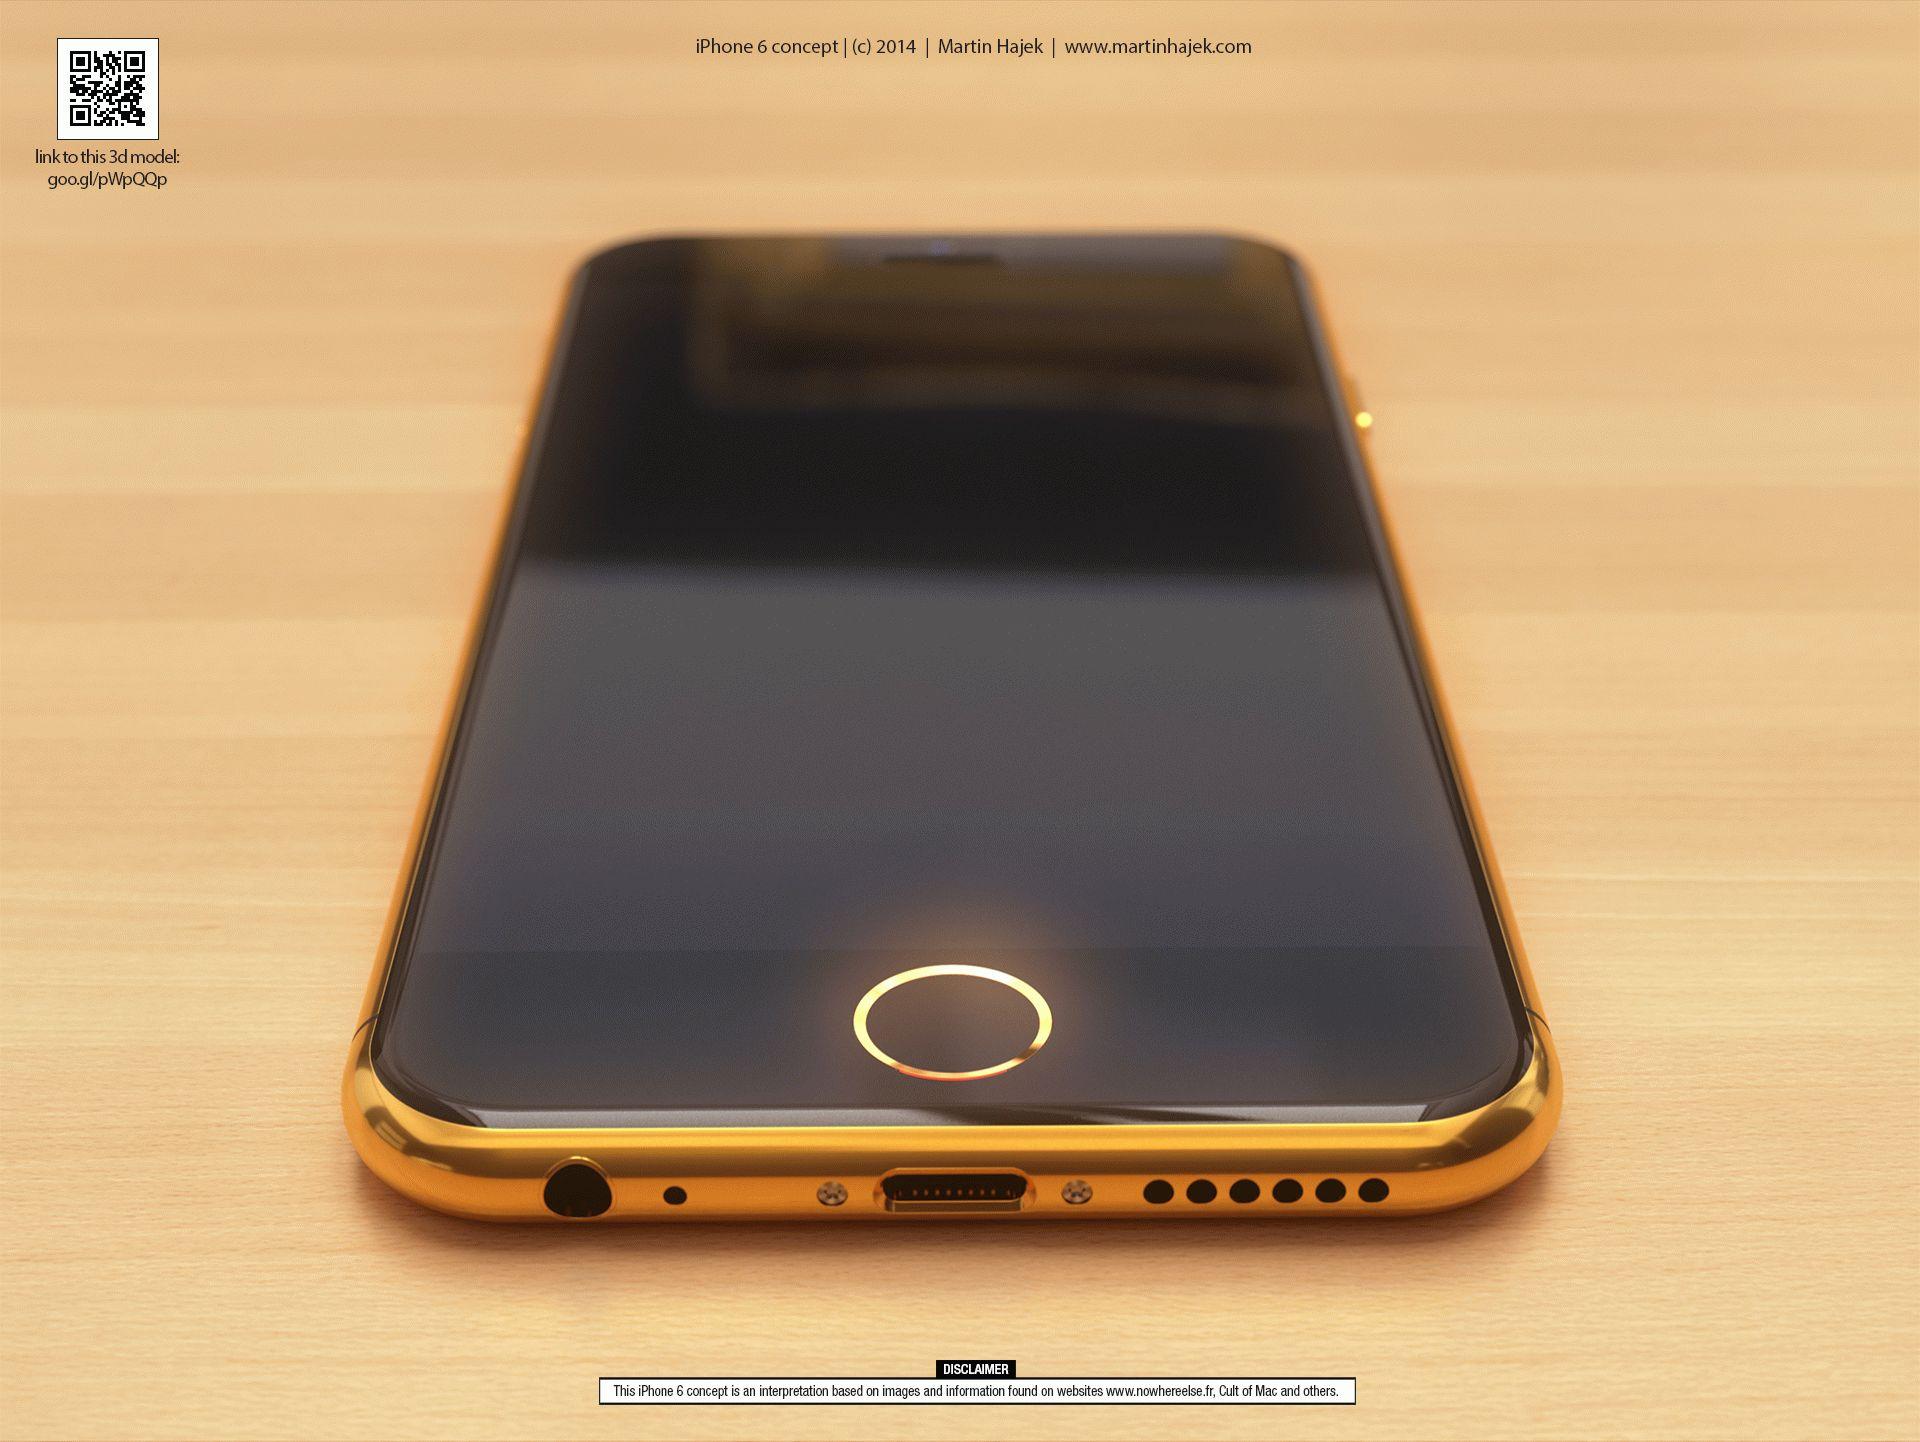 dizayner-predstavil-zolotuyu-versiyu-iphone-6-inkrustirovannuyu-dragotsennyimi-kamnyami